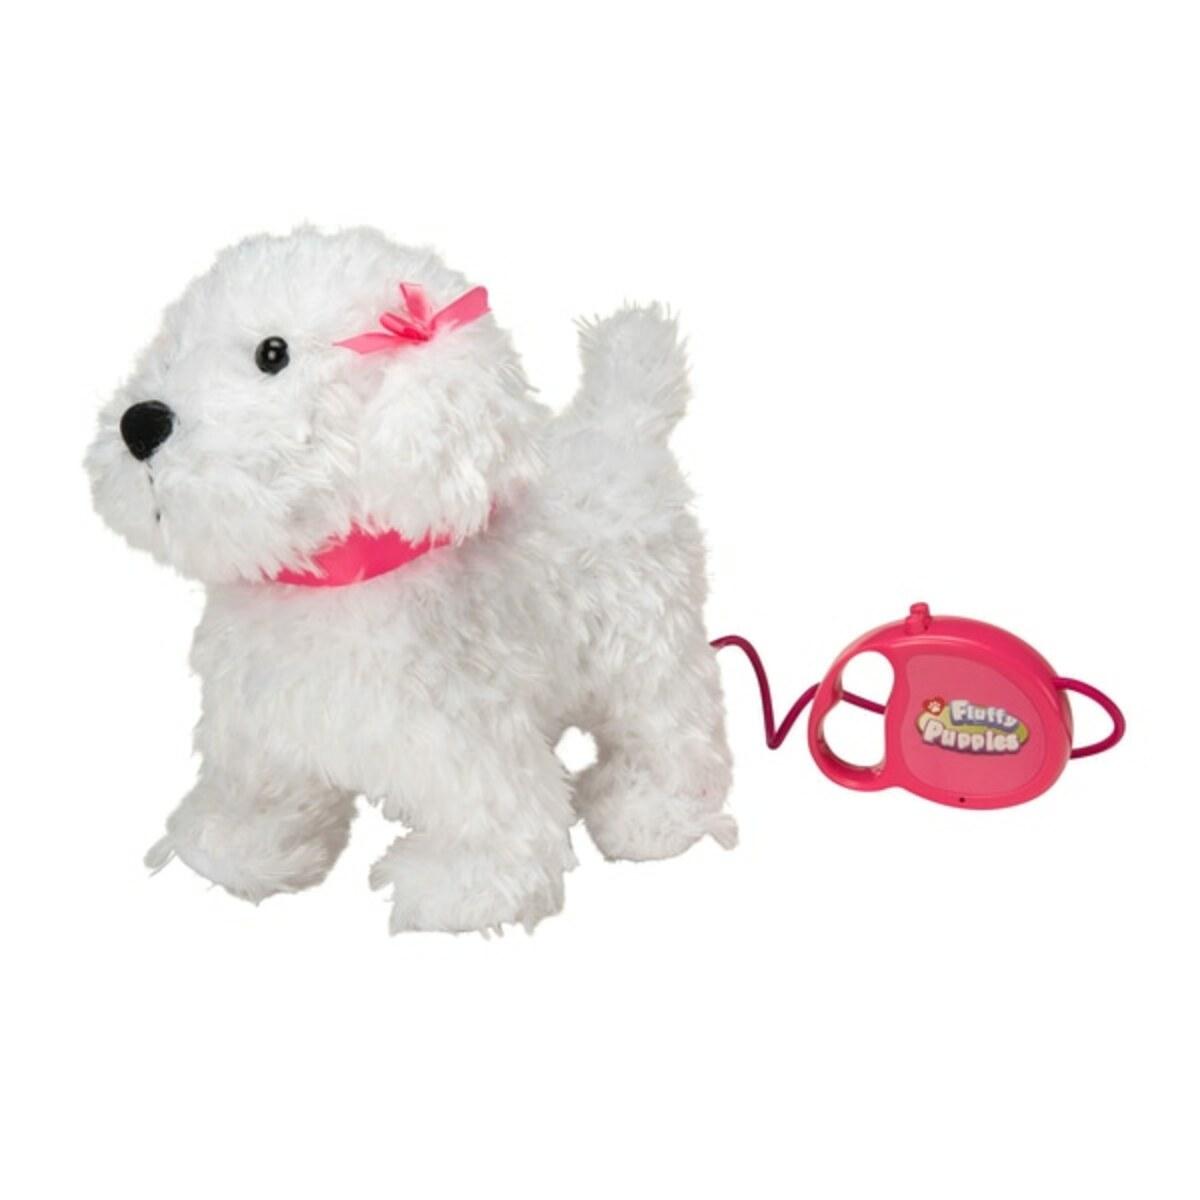 Bild 4 von Fluffy Puppies - Laufender Pudel